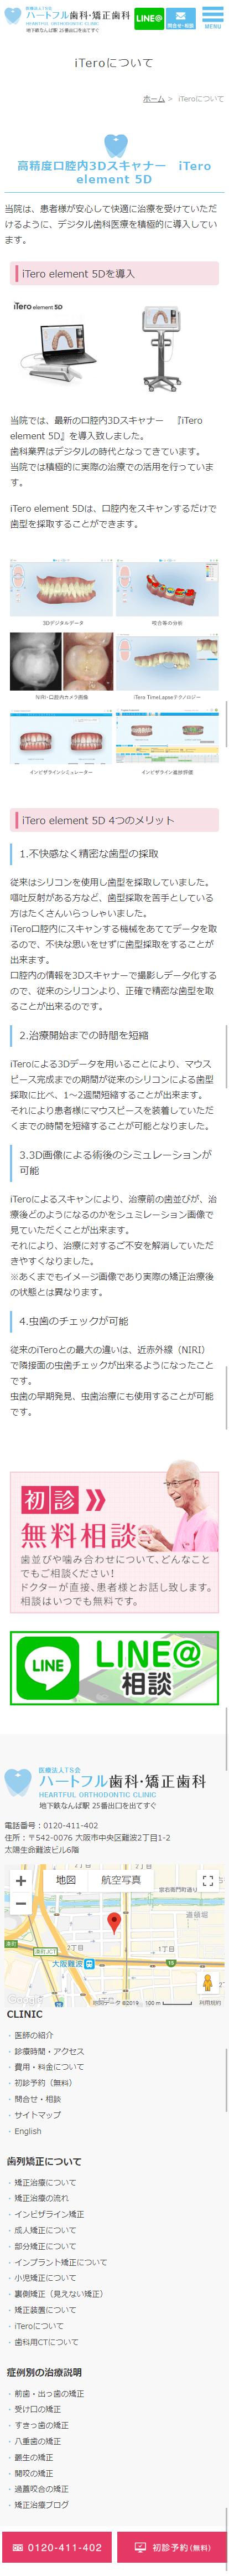 大阪市 ハートフル歯科・矯正歯科 ホームページ制作4